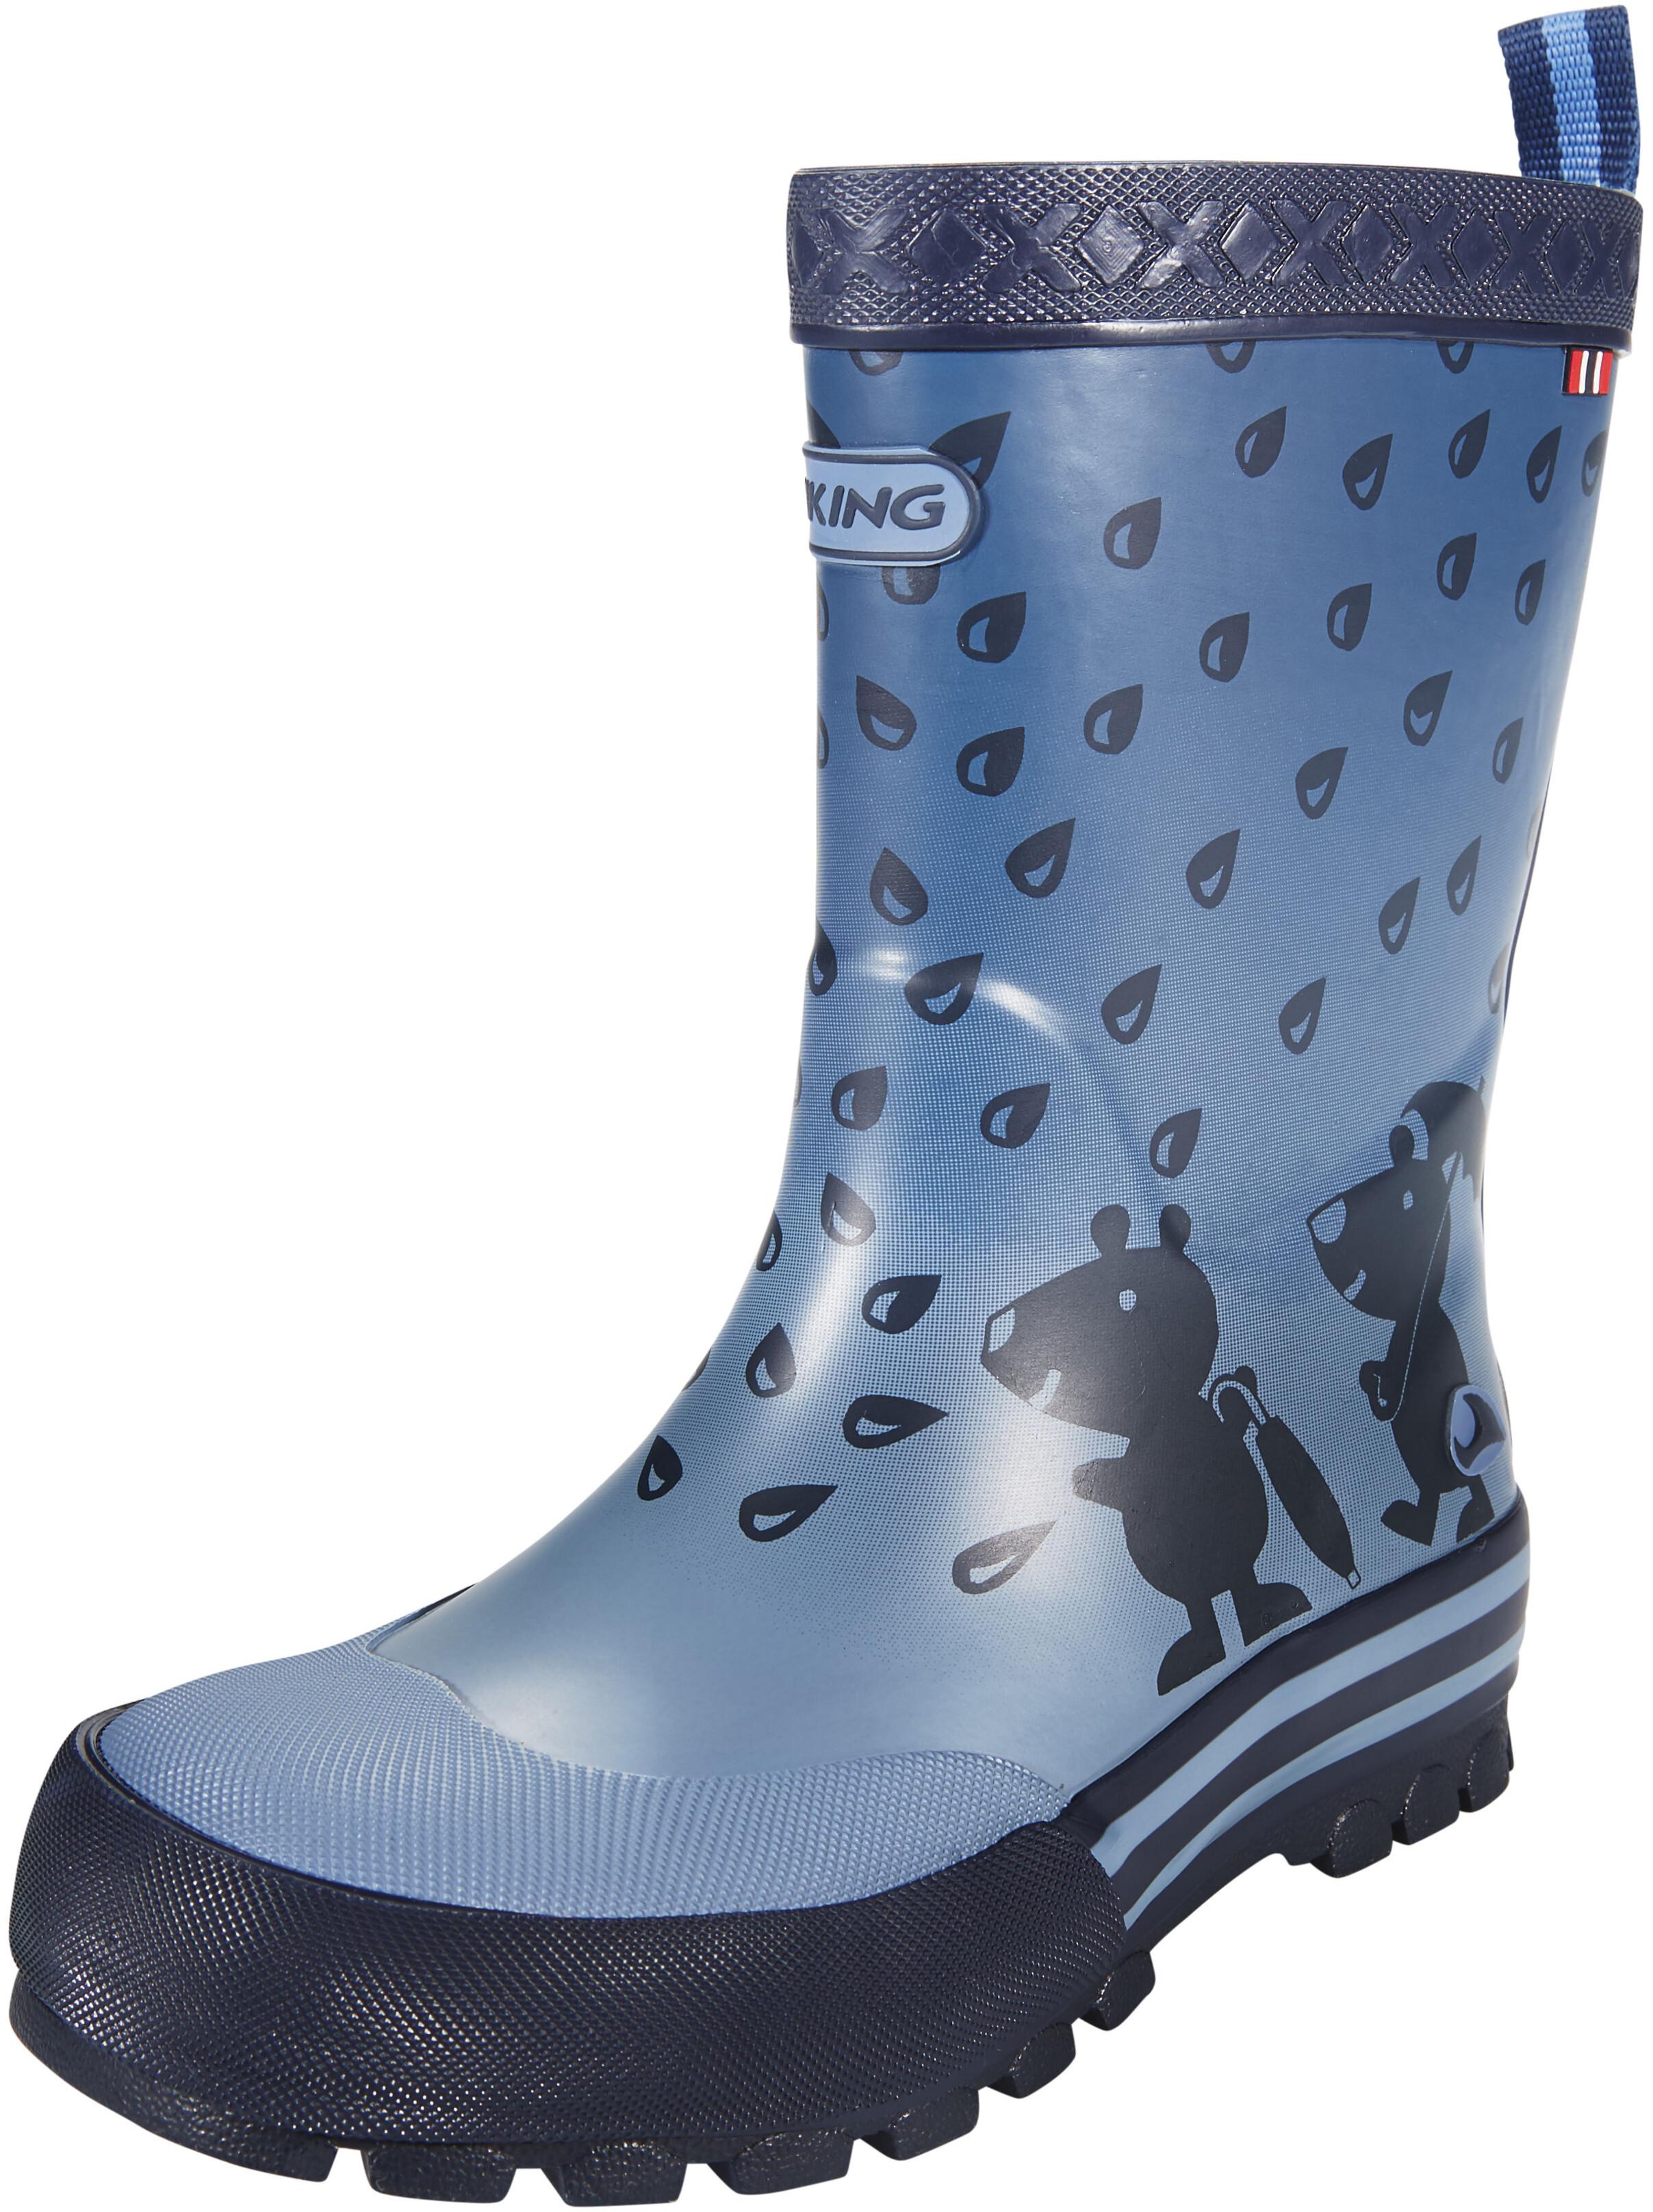 viking footwear plask bottes en caoutchouc enfant bleu sur campz. Black Bedroom Furniture Sets. Home Design Ideas